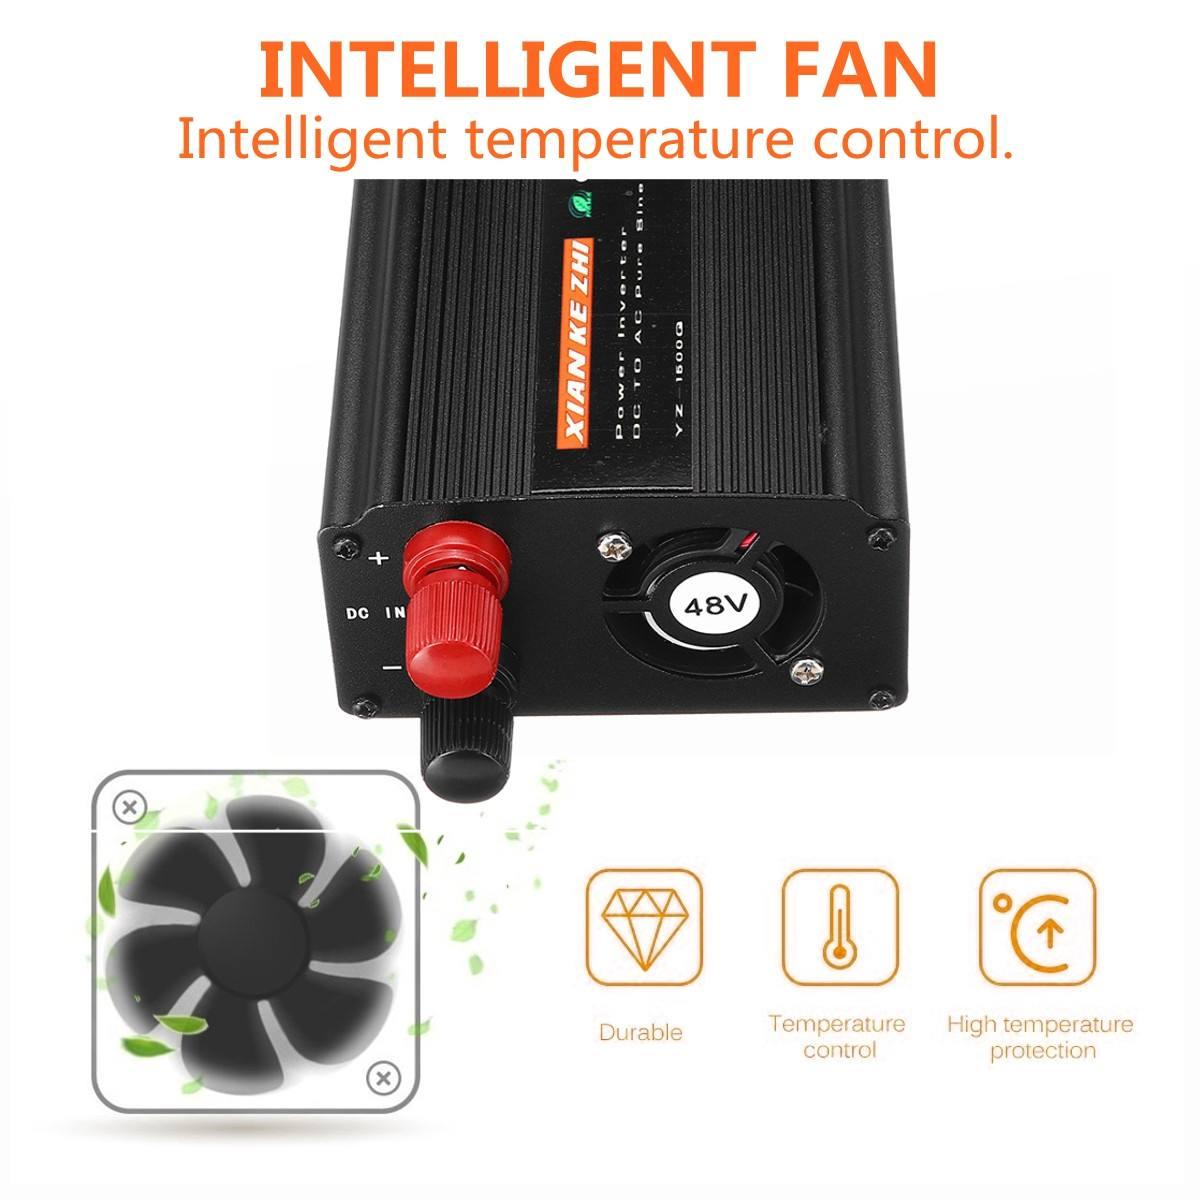 1500W Pure Sine Wave Inverter DC12V/24V/48V To AC220V 50HZ Power Converter Booster For Car Inverter Household DIY 23